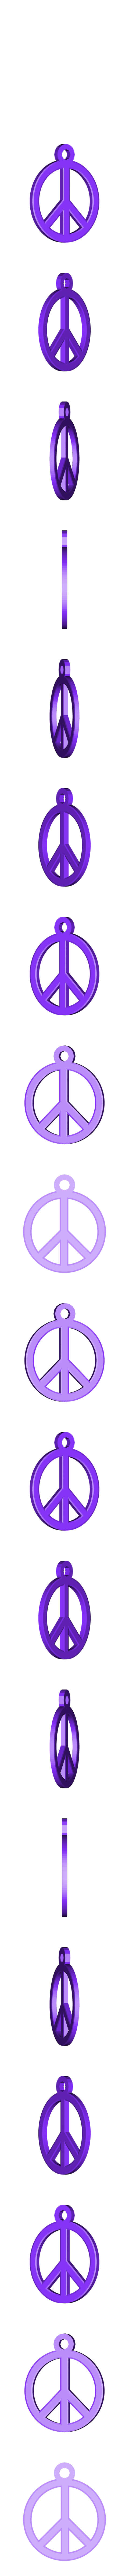 peace_earing.stl Télécharger fichier STL gratuit Boucle d'oreille Paix • Modèle à imprimer en 3D, ErnyCrazyPrinter